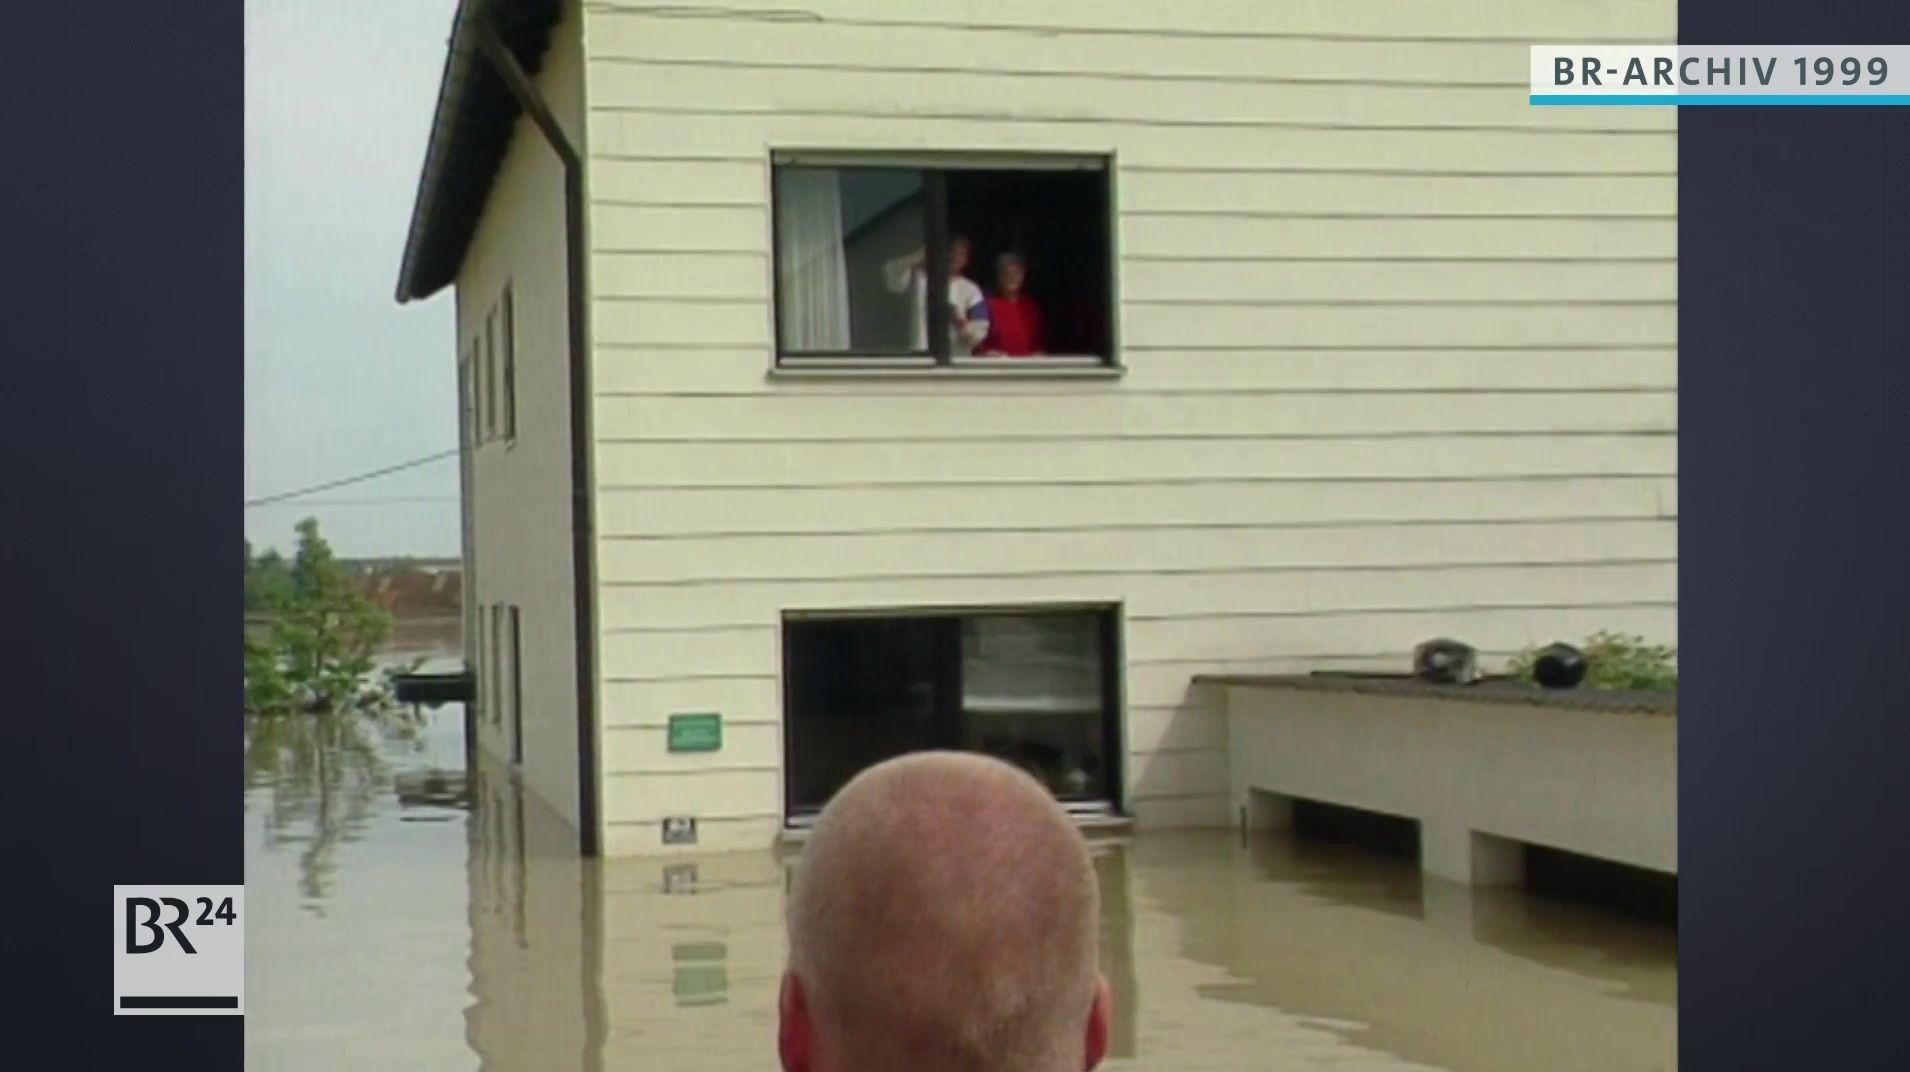 Wohnhaus unter Wasser, Außenansicht